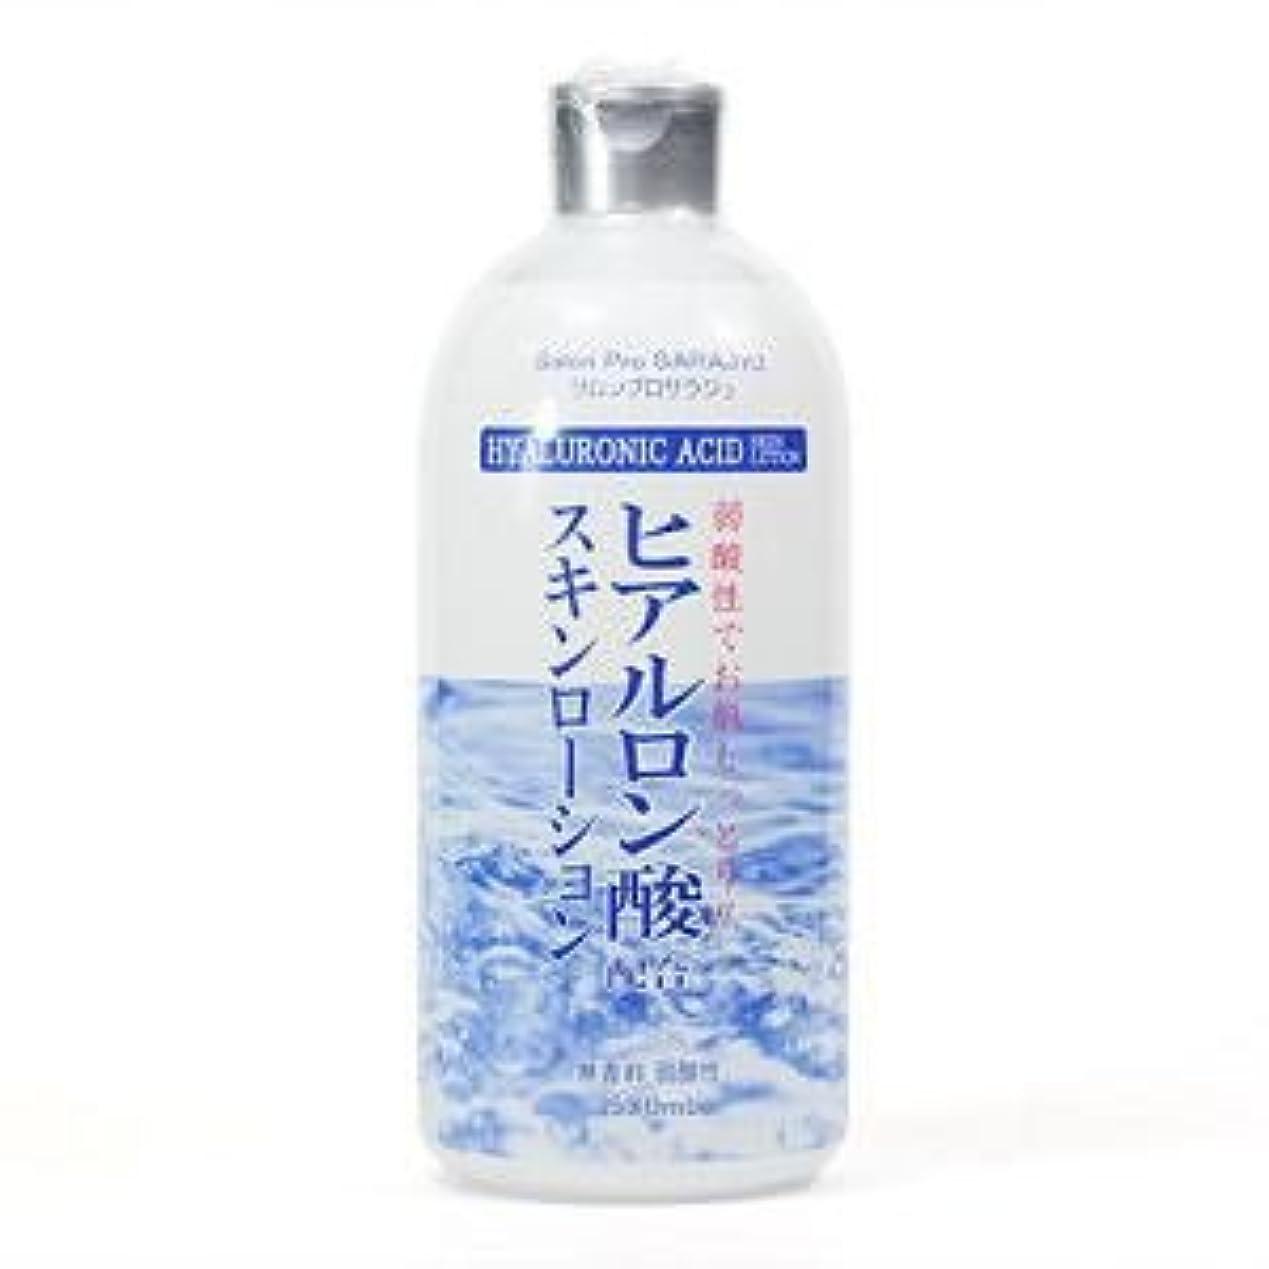 水フレッシュベギンサロンプロサラジュ スキンローション ヒアルロン酸 500ml